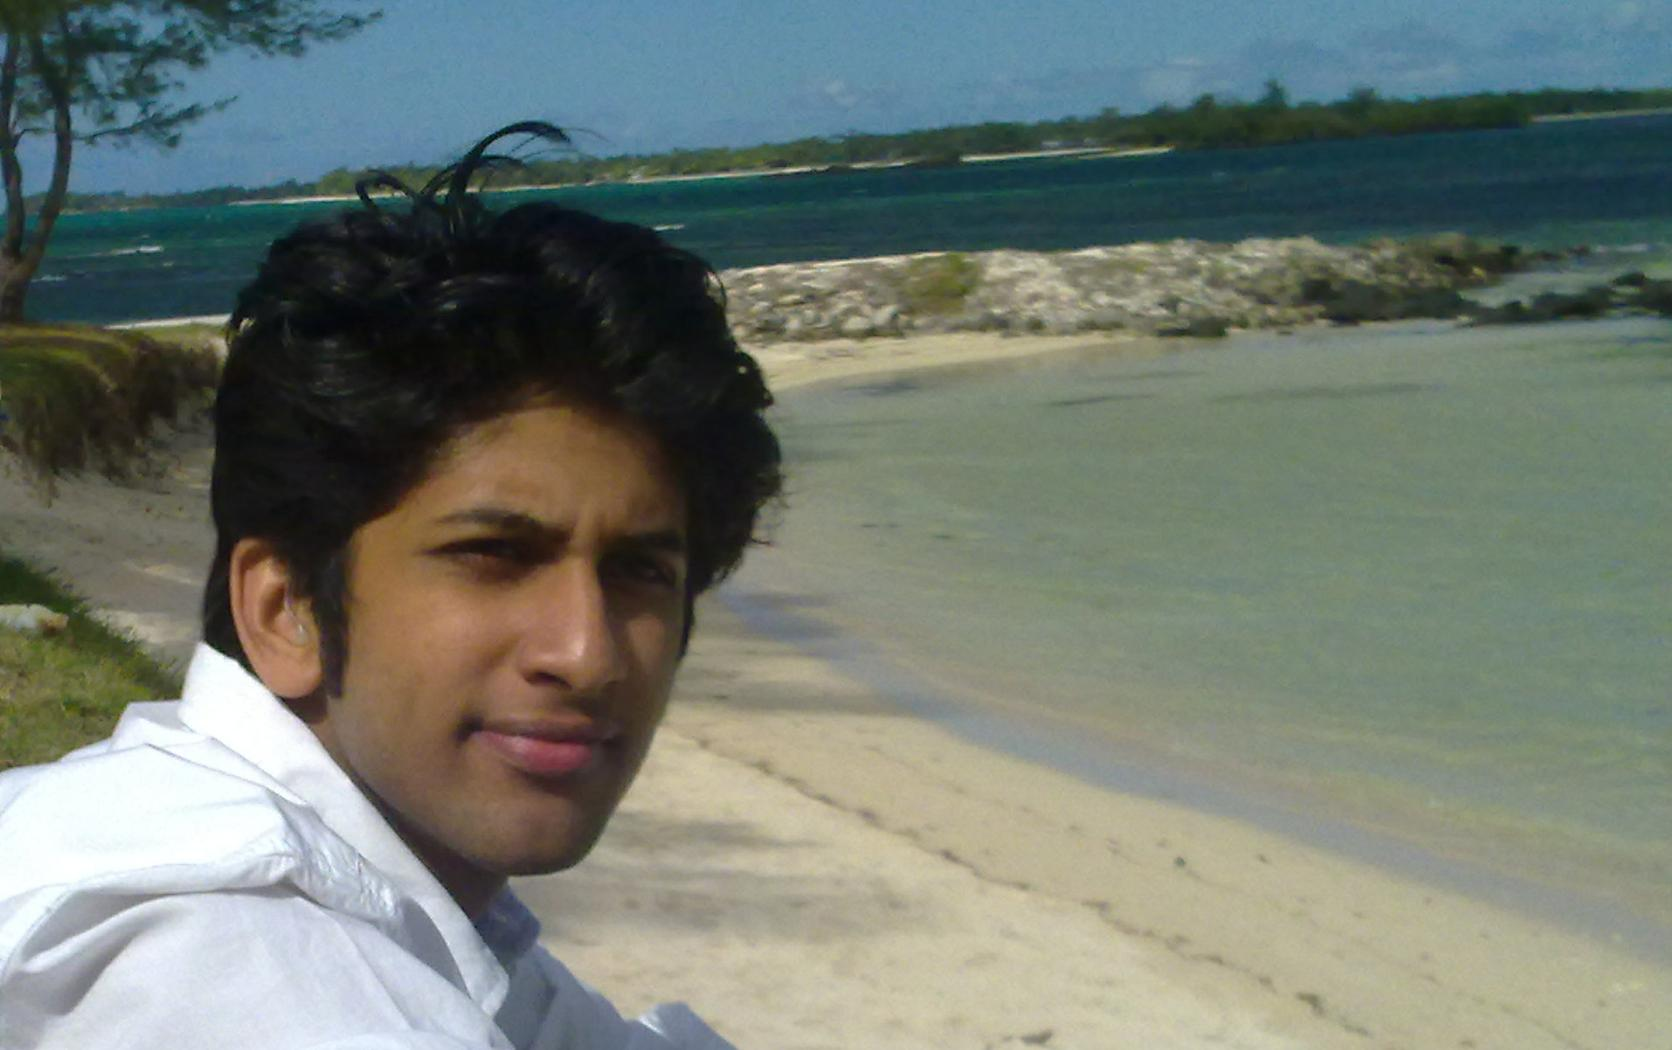 Ankur Paul